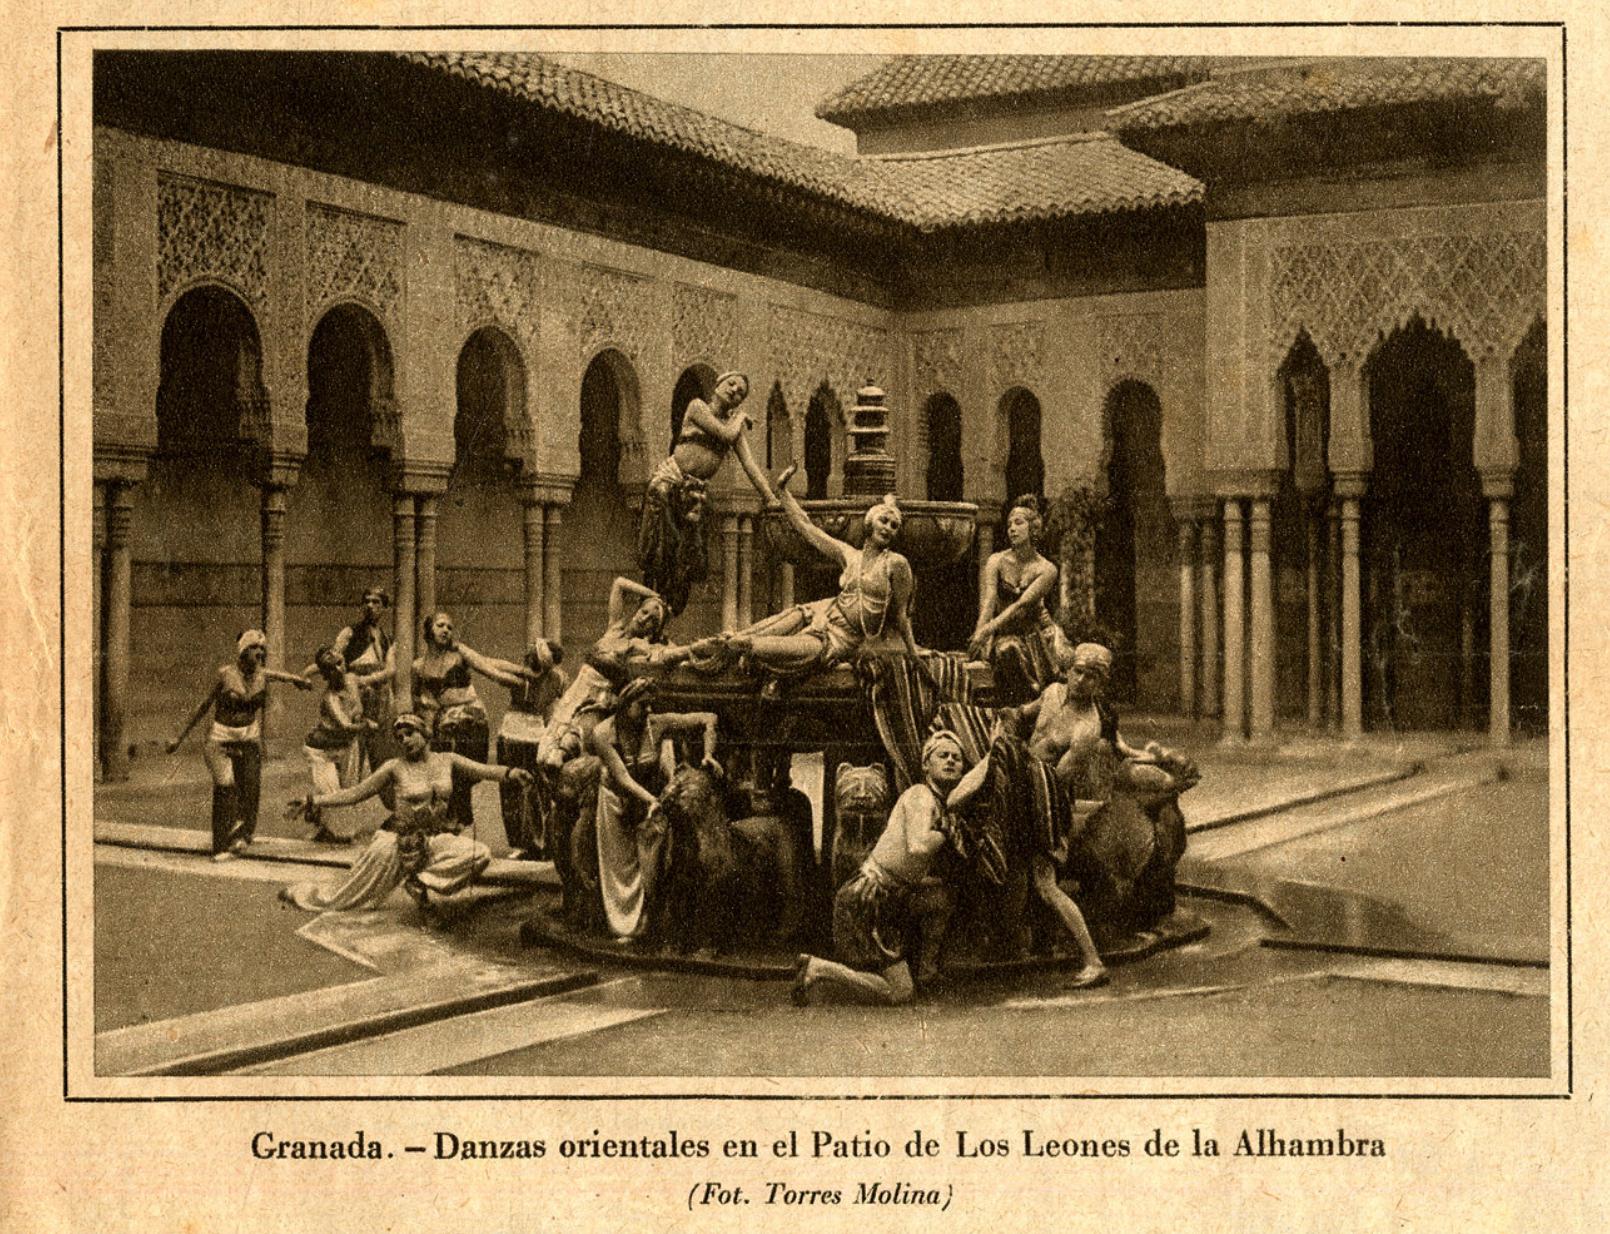 El sueño de los leones. Fantasías orientalistas (y no) sobre una fuente de la Alhambra